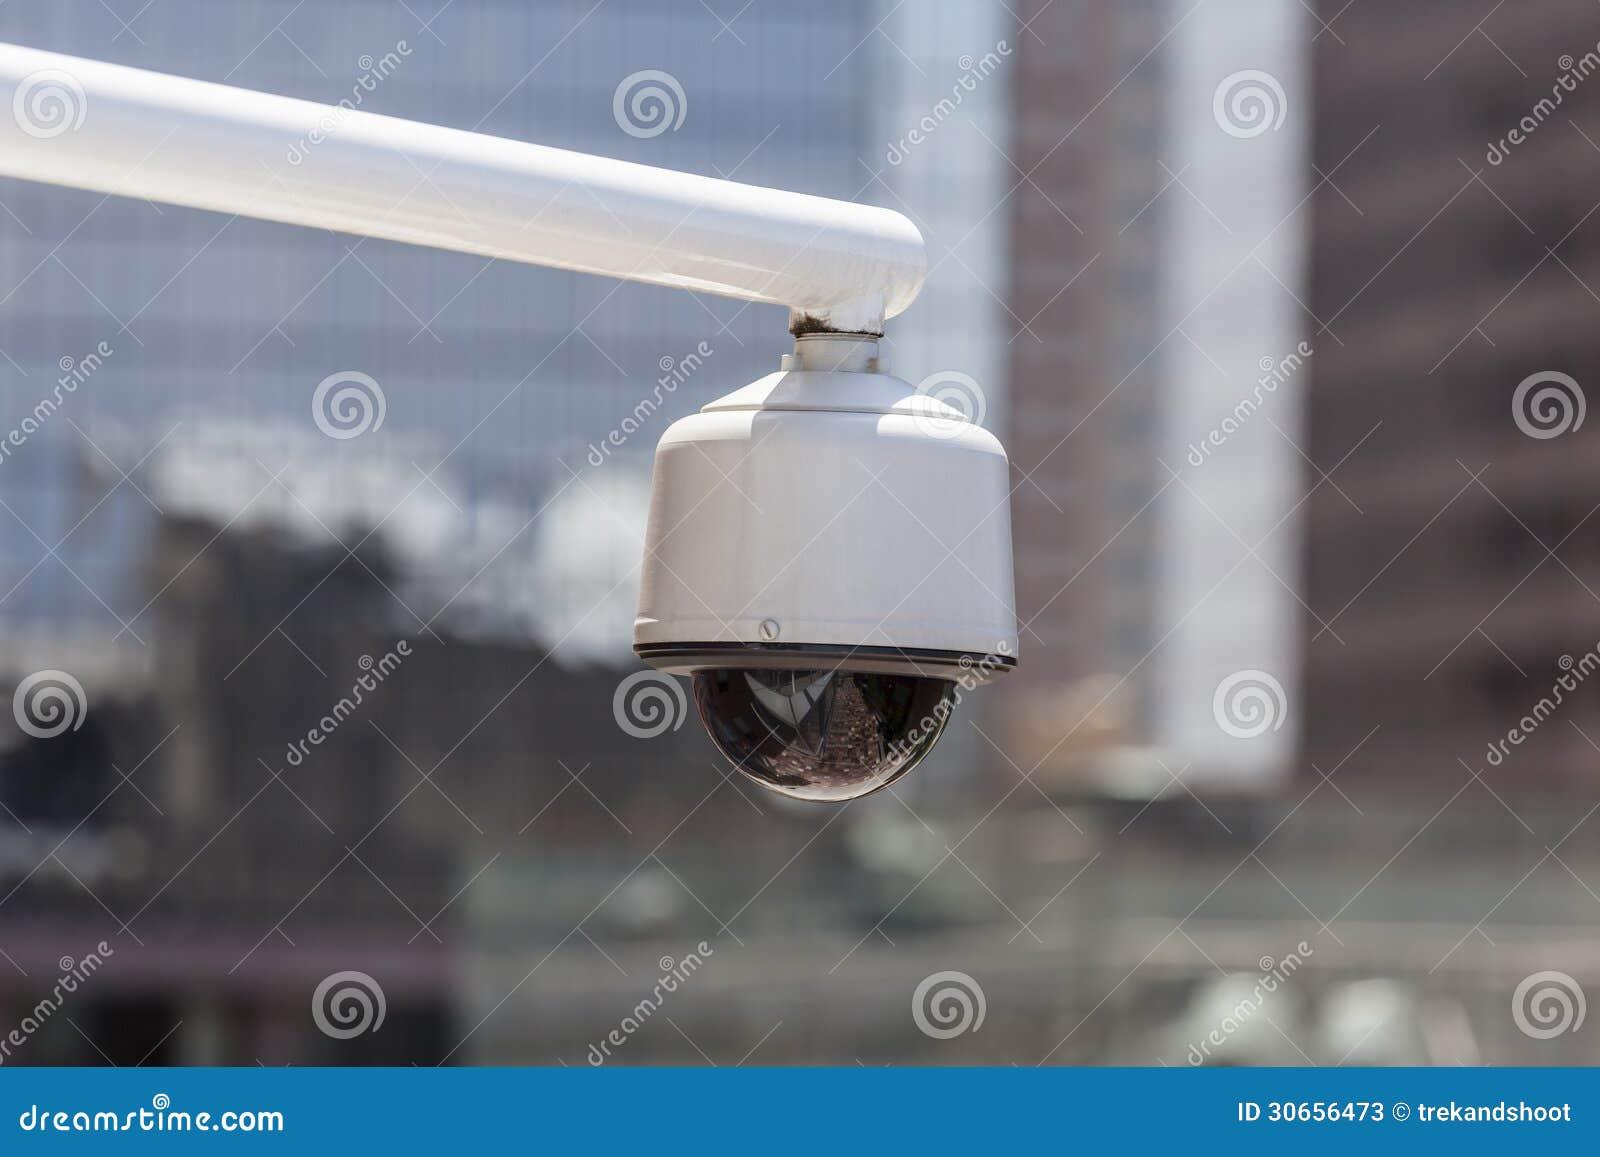 Cámara de seguridad urbana